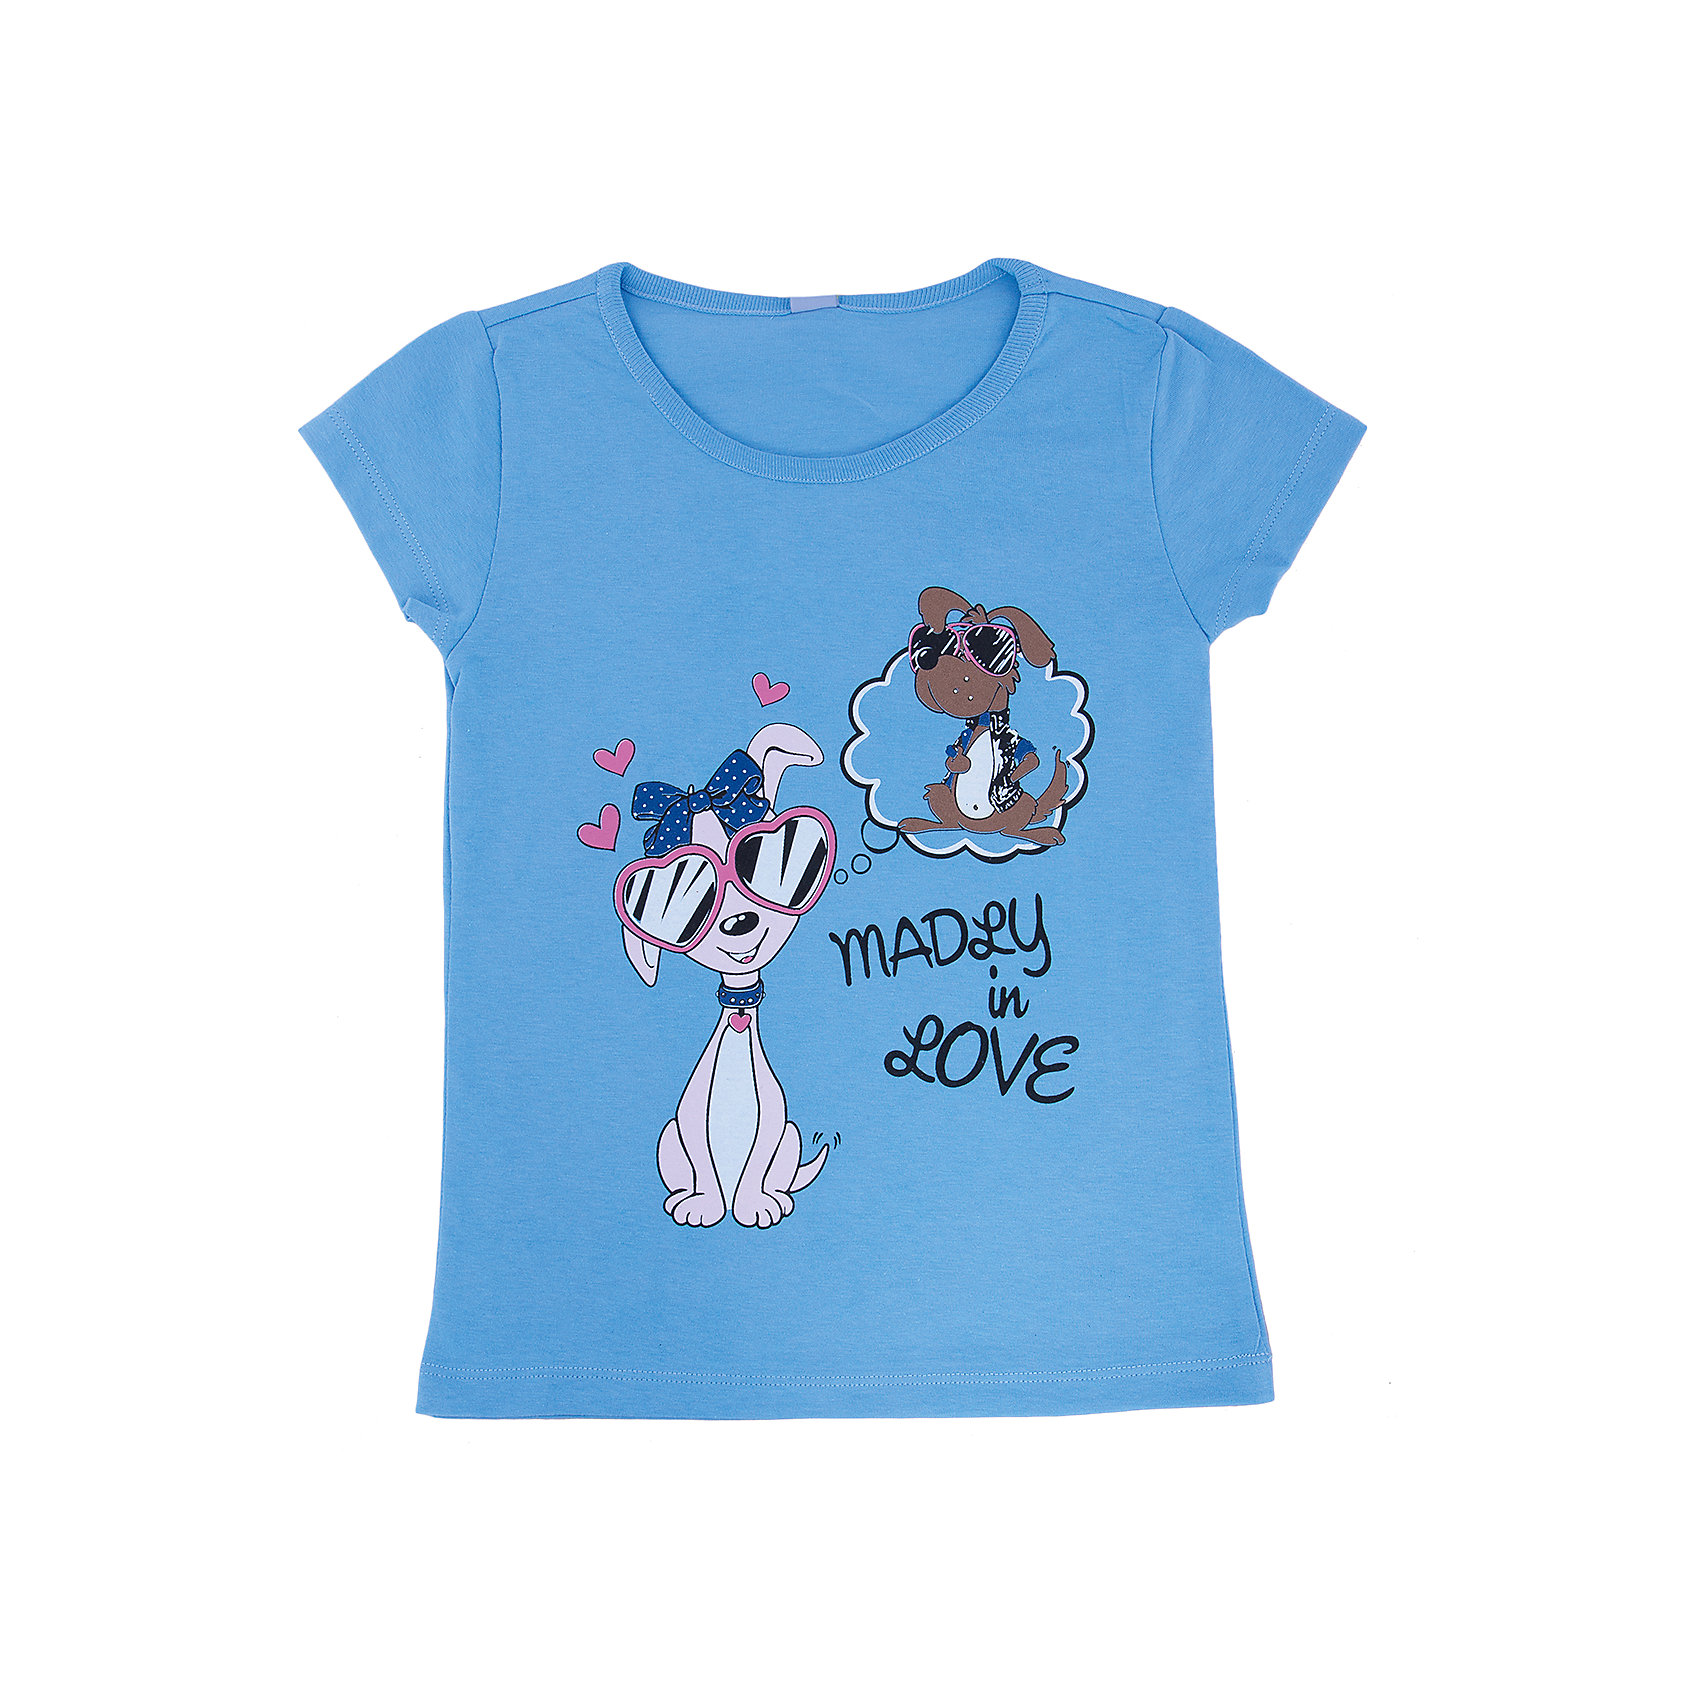 Футболка для девочки DAUBERФутболка для девочки с коротким рукавом из высококачественного хлопка. В двух цветах: голубой и салатовый Яркая печать. Состав:100% хлопок<br><br>Ширина мм: 199<br>Глубина мм: 10<br>Высота мм: 161<br>Вес г: 151<br>Цвет: голубой<br>Возраст от месяцев: 84<br>Возраст до месяцев: 96<br>Пол: Женский<br>Возраст: Детский<br>Размер: 128,152,140,134,122,146<br>SKU: 4630983